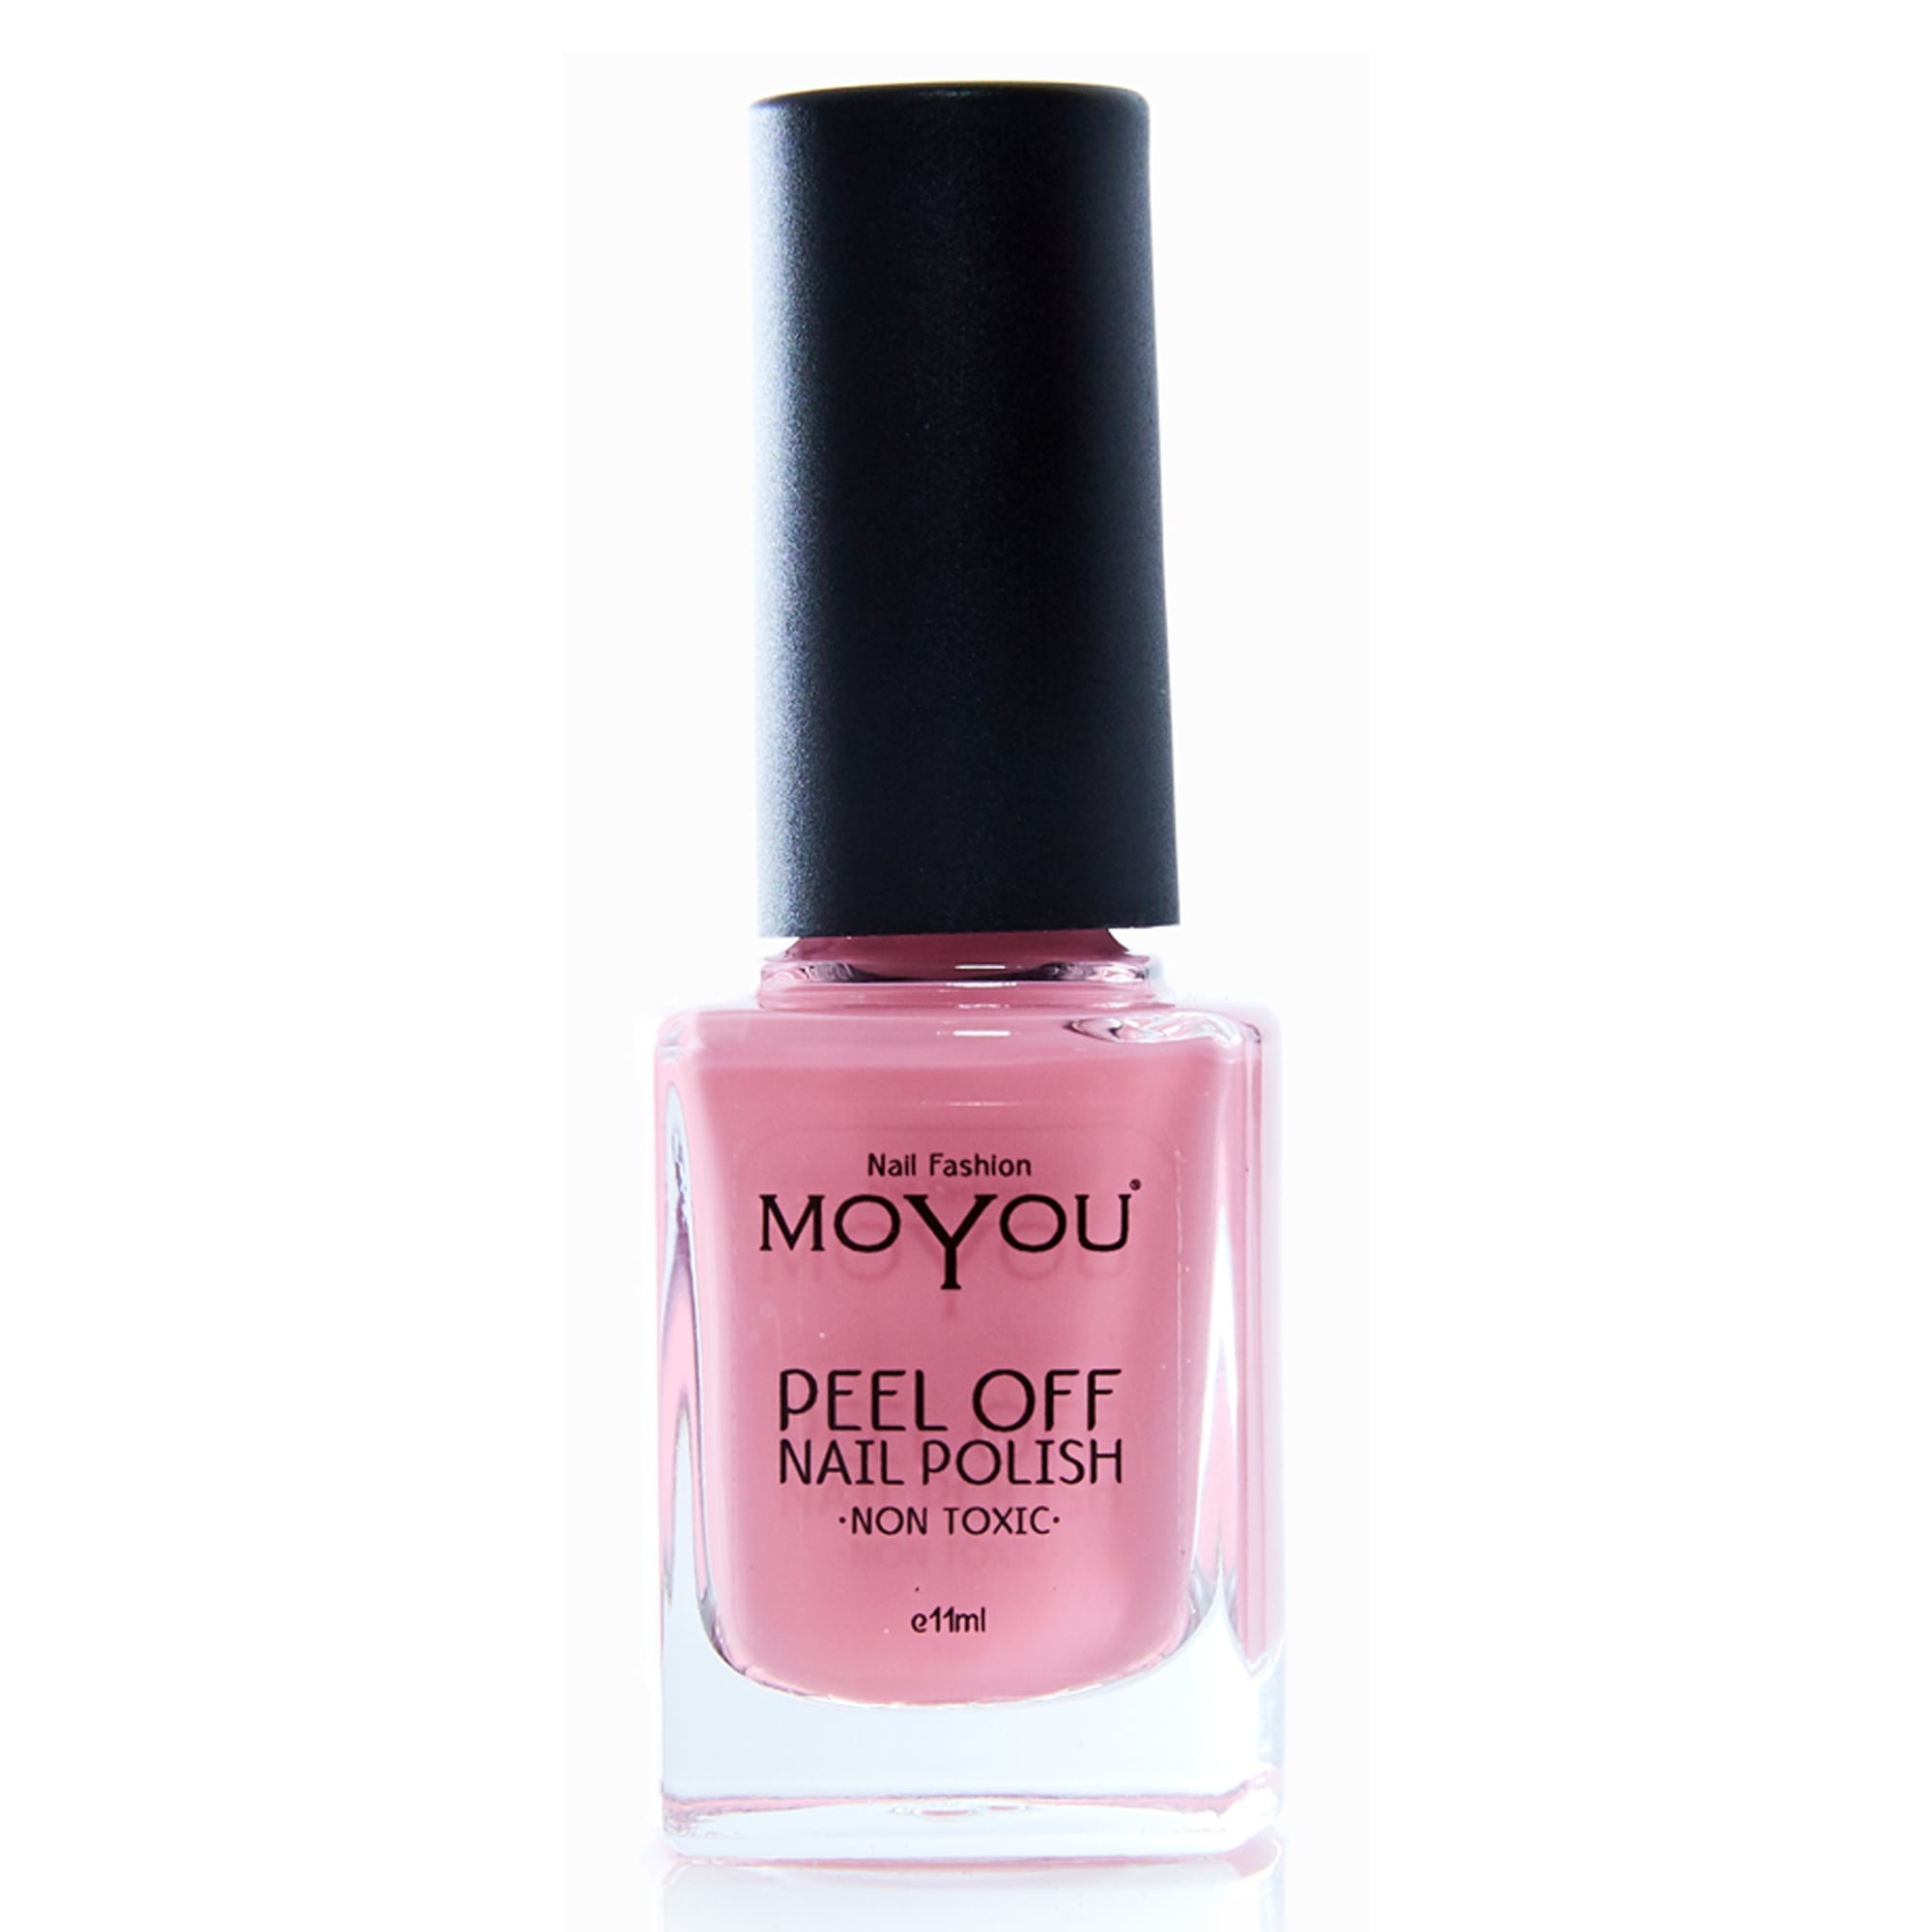 MoYou Peel Off Non Toxic Nail Polish - Sassy Ballet 11ml (MYP5)